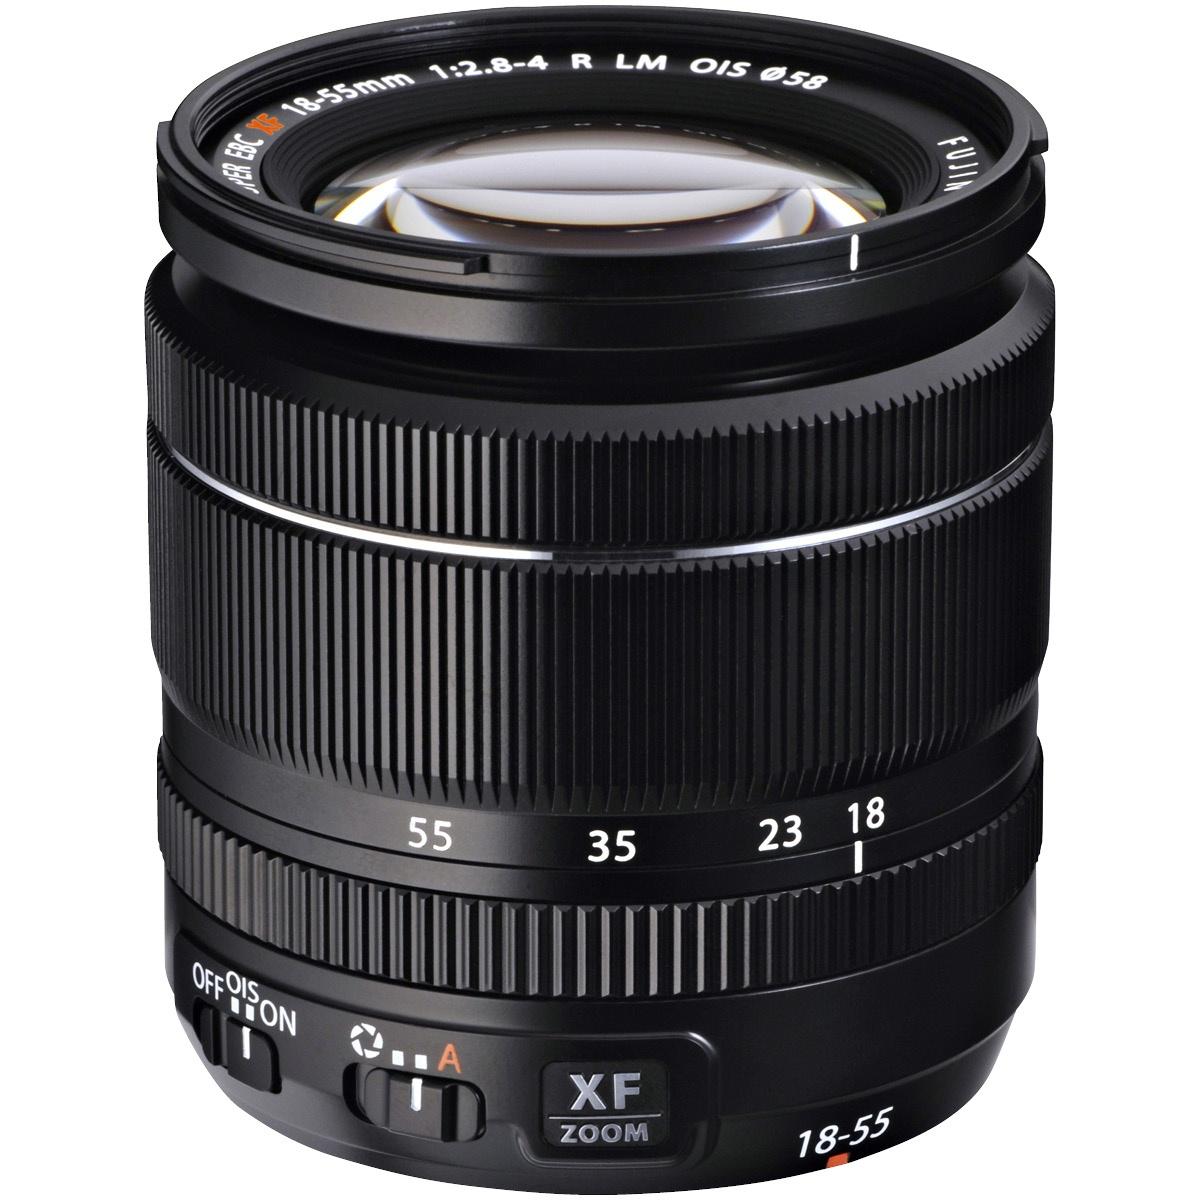 Fujifilm XF 18-55 mm 1:2,8-4,0 R LM OIS